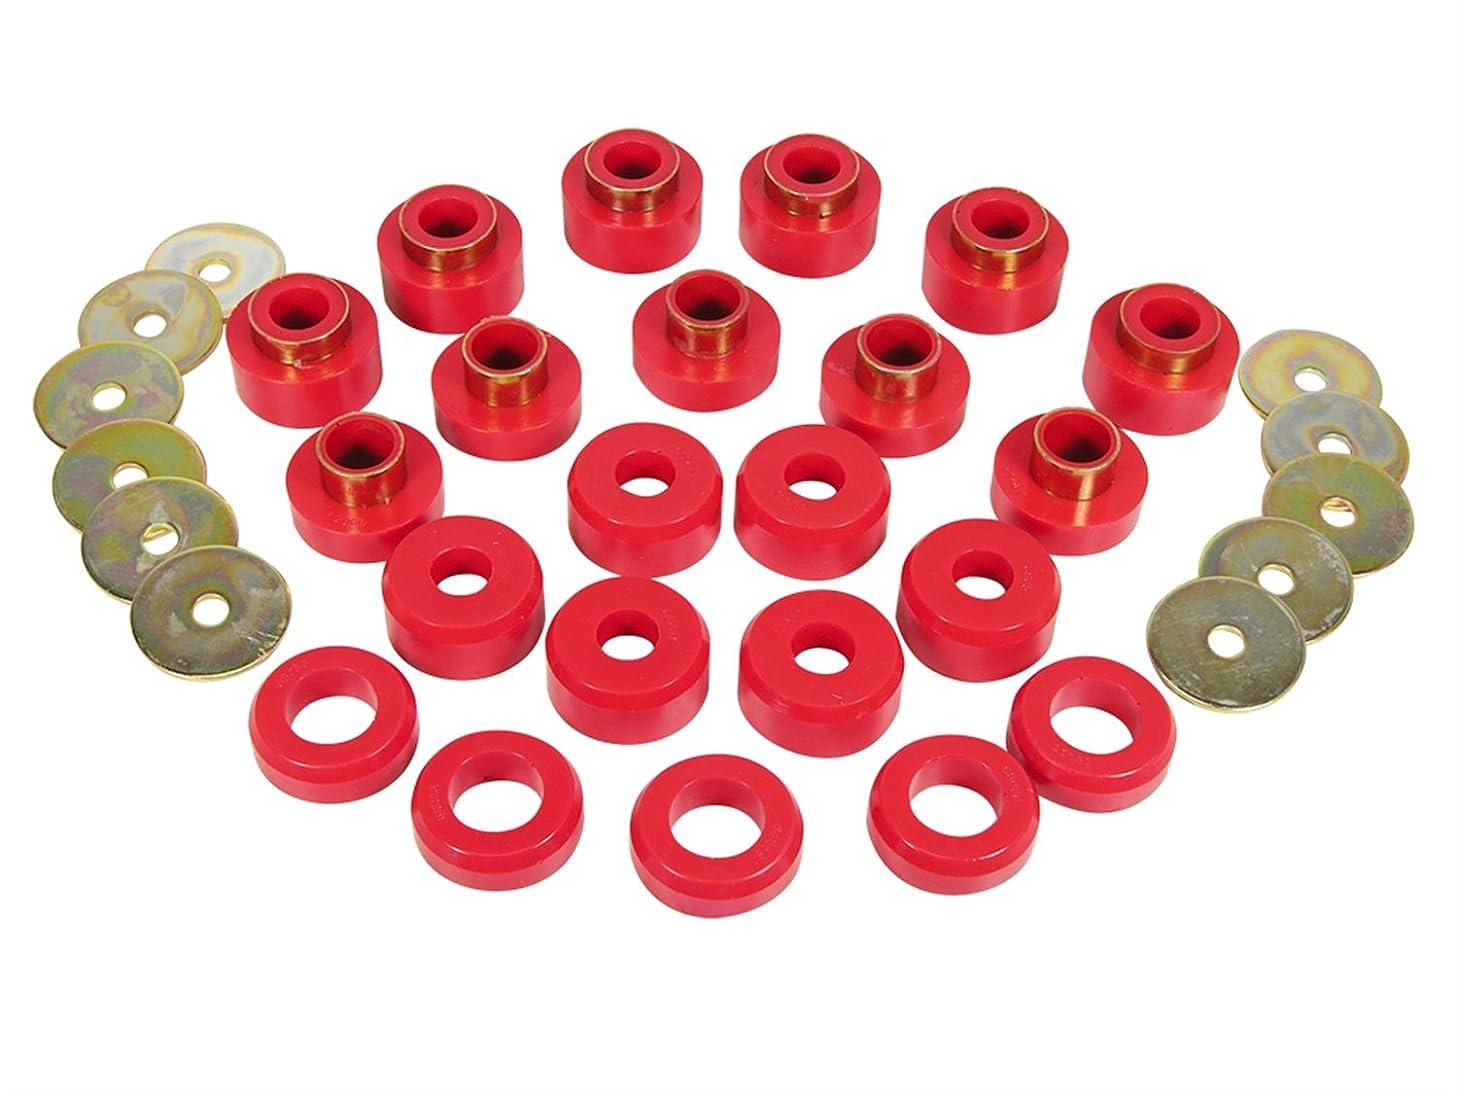 Prothane 1-107 Red Body Mount Bushing Kit for CJ5, CJ7, CJ8, YJ and TJ - 22 Piece